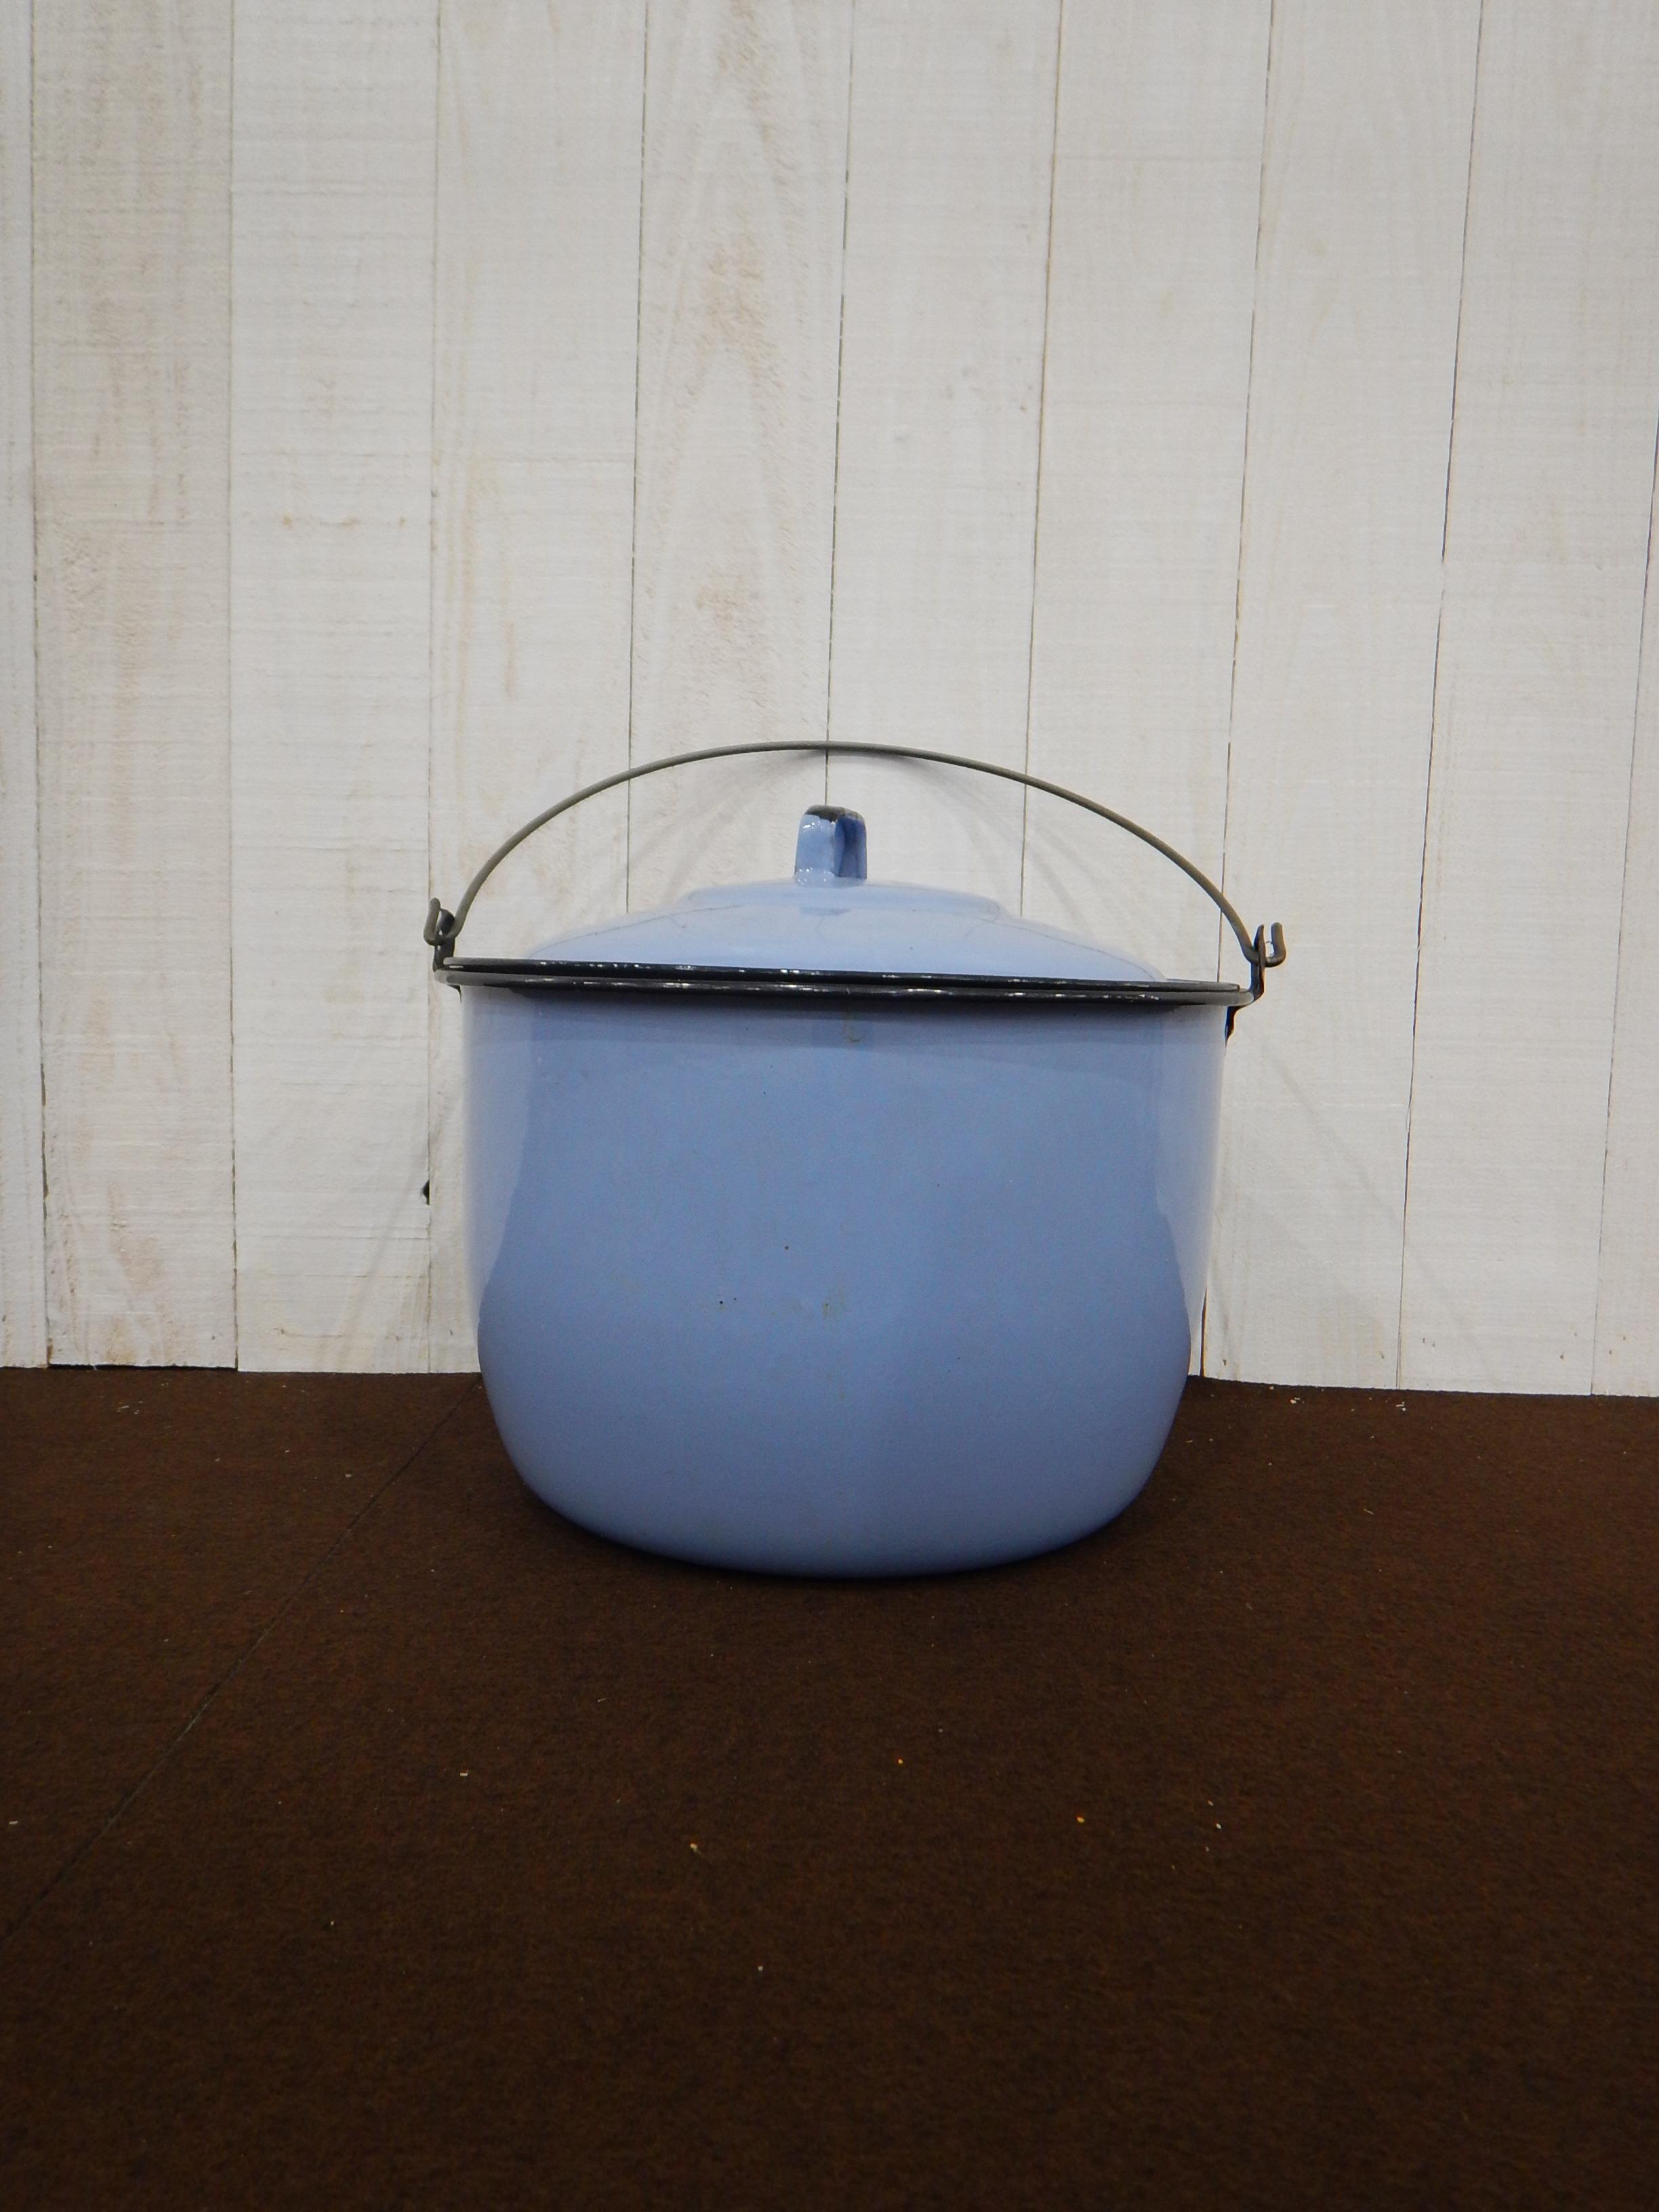 品番4446 青い鍋 / Pot 011